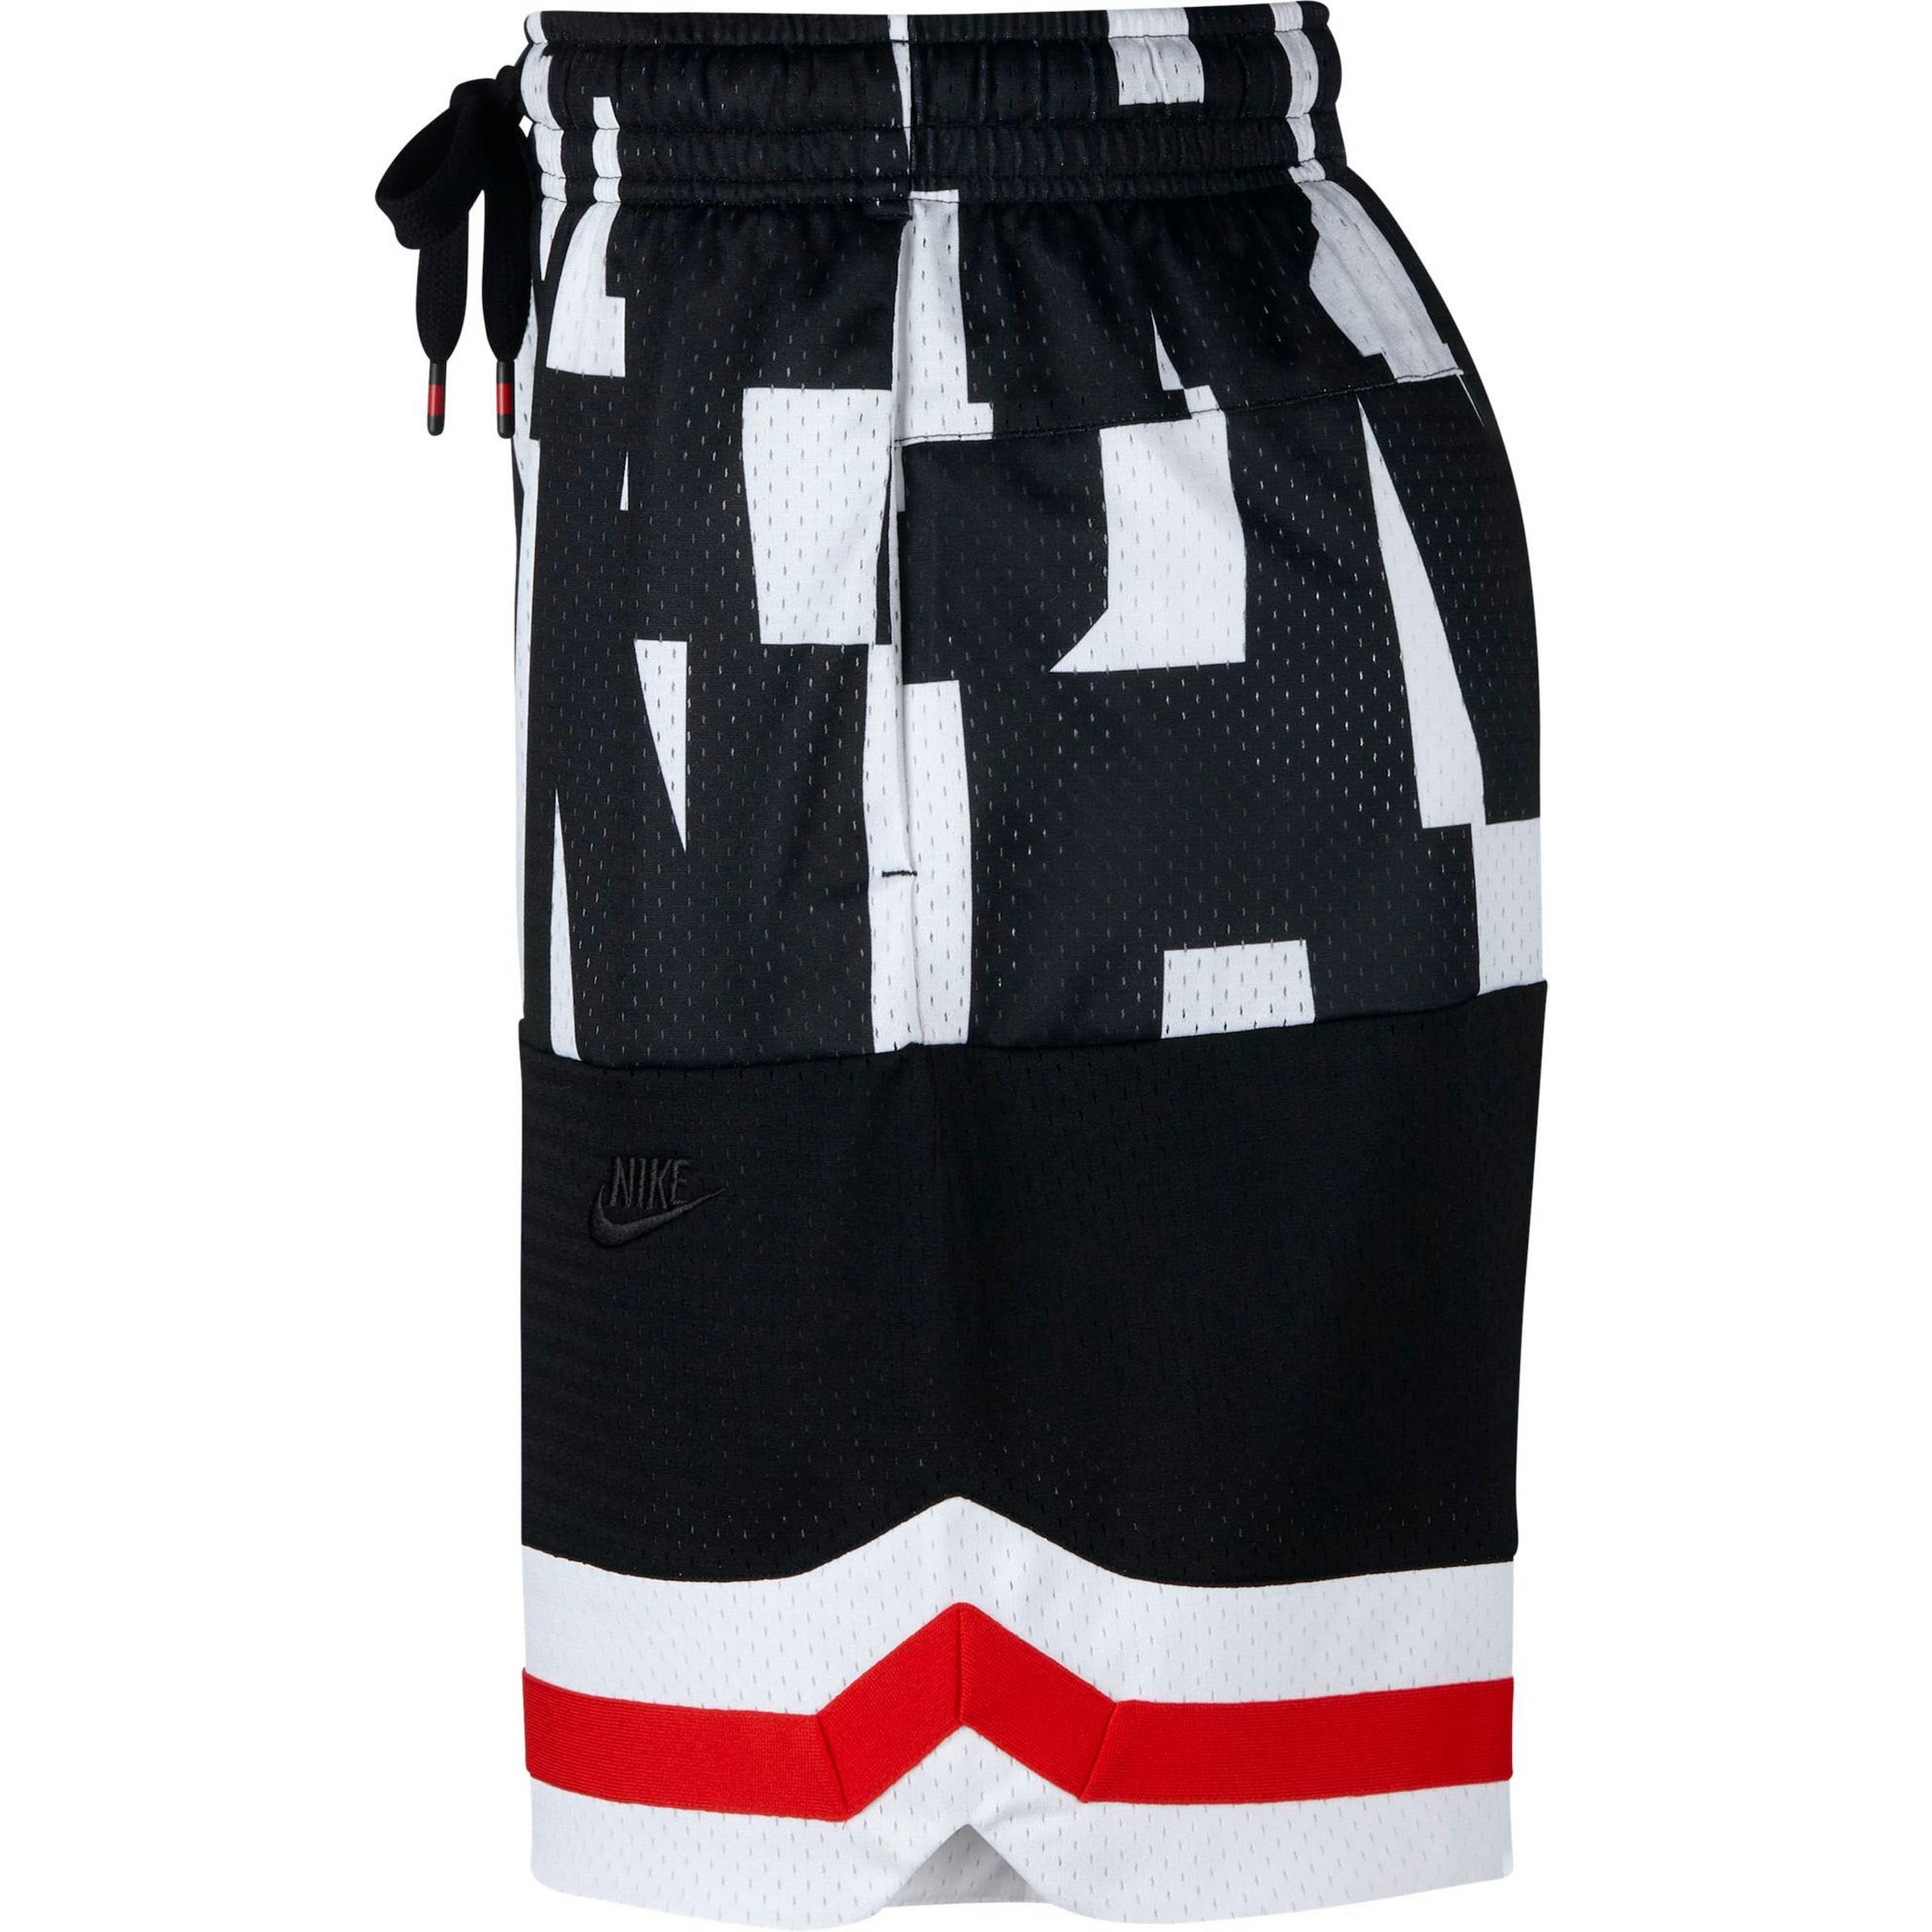 Shorts Nike Nike Sportswear In MischfarbenSchwarz Nike In MischfarbenSchwarz Sportswear Shorts F1JlKc